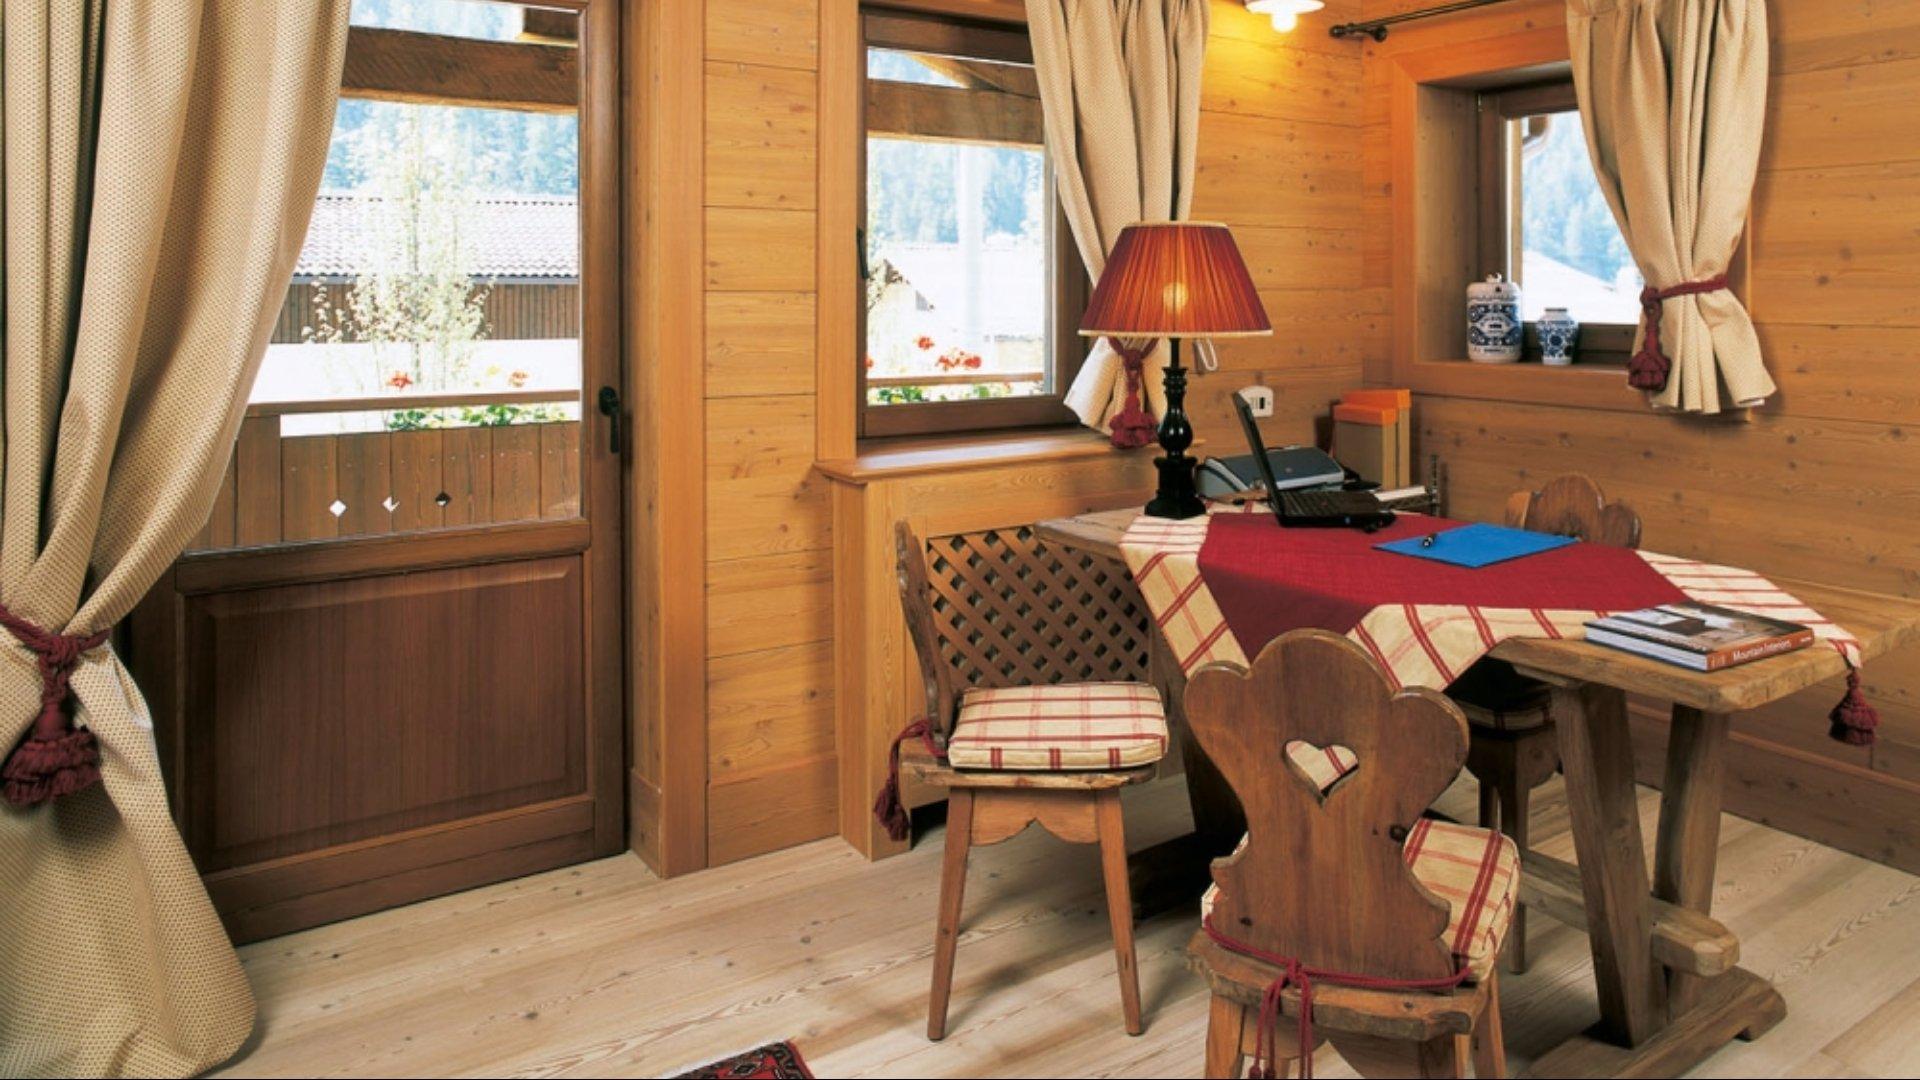 Residenza privata - Val Brembana - Bg 5